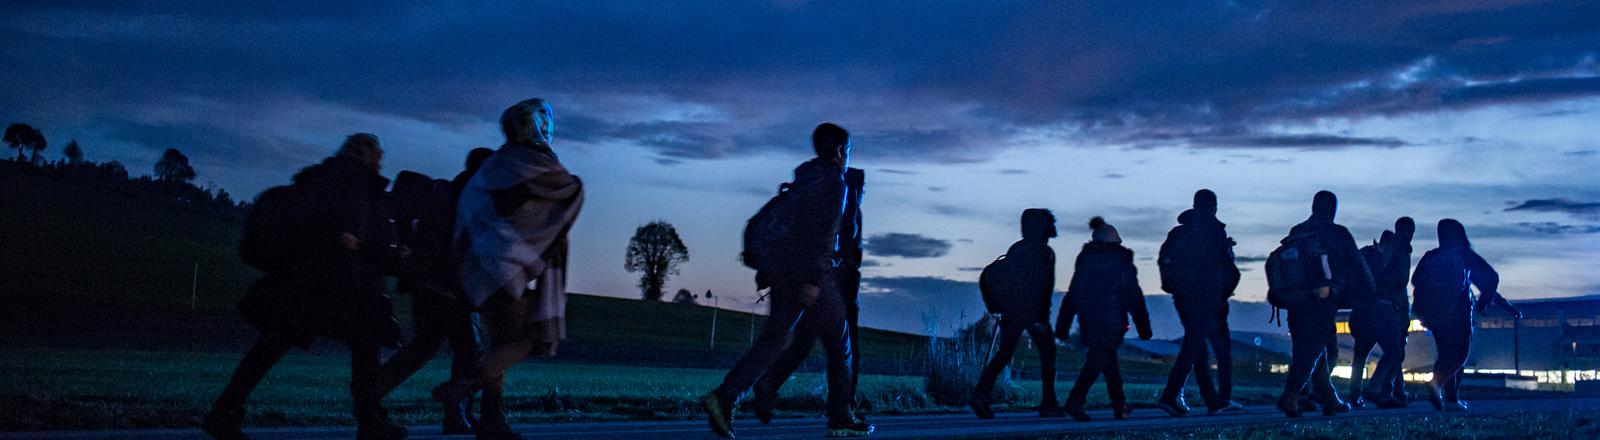 Flüchtlinge in der Nacht